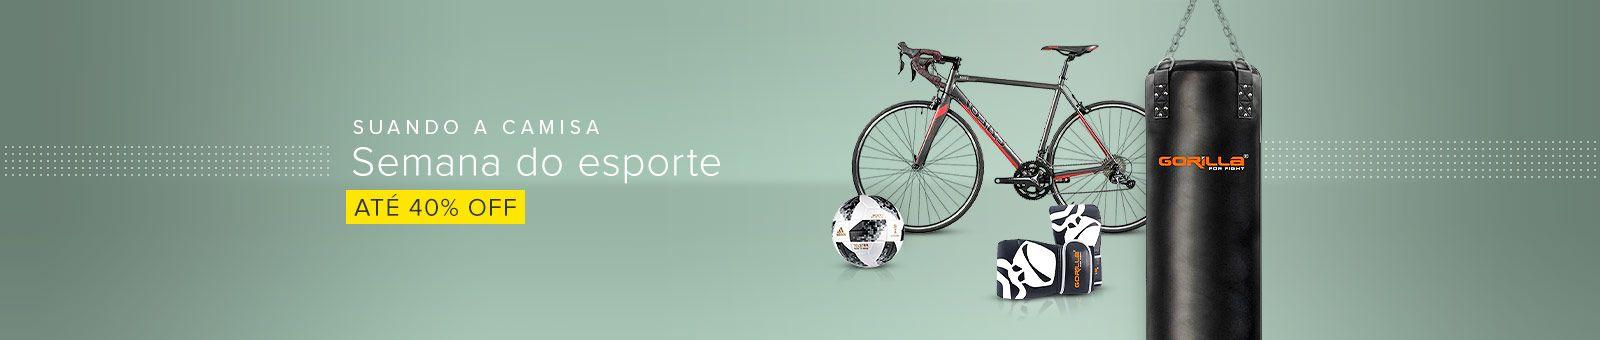 Semana do esporte